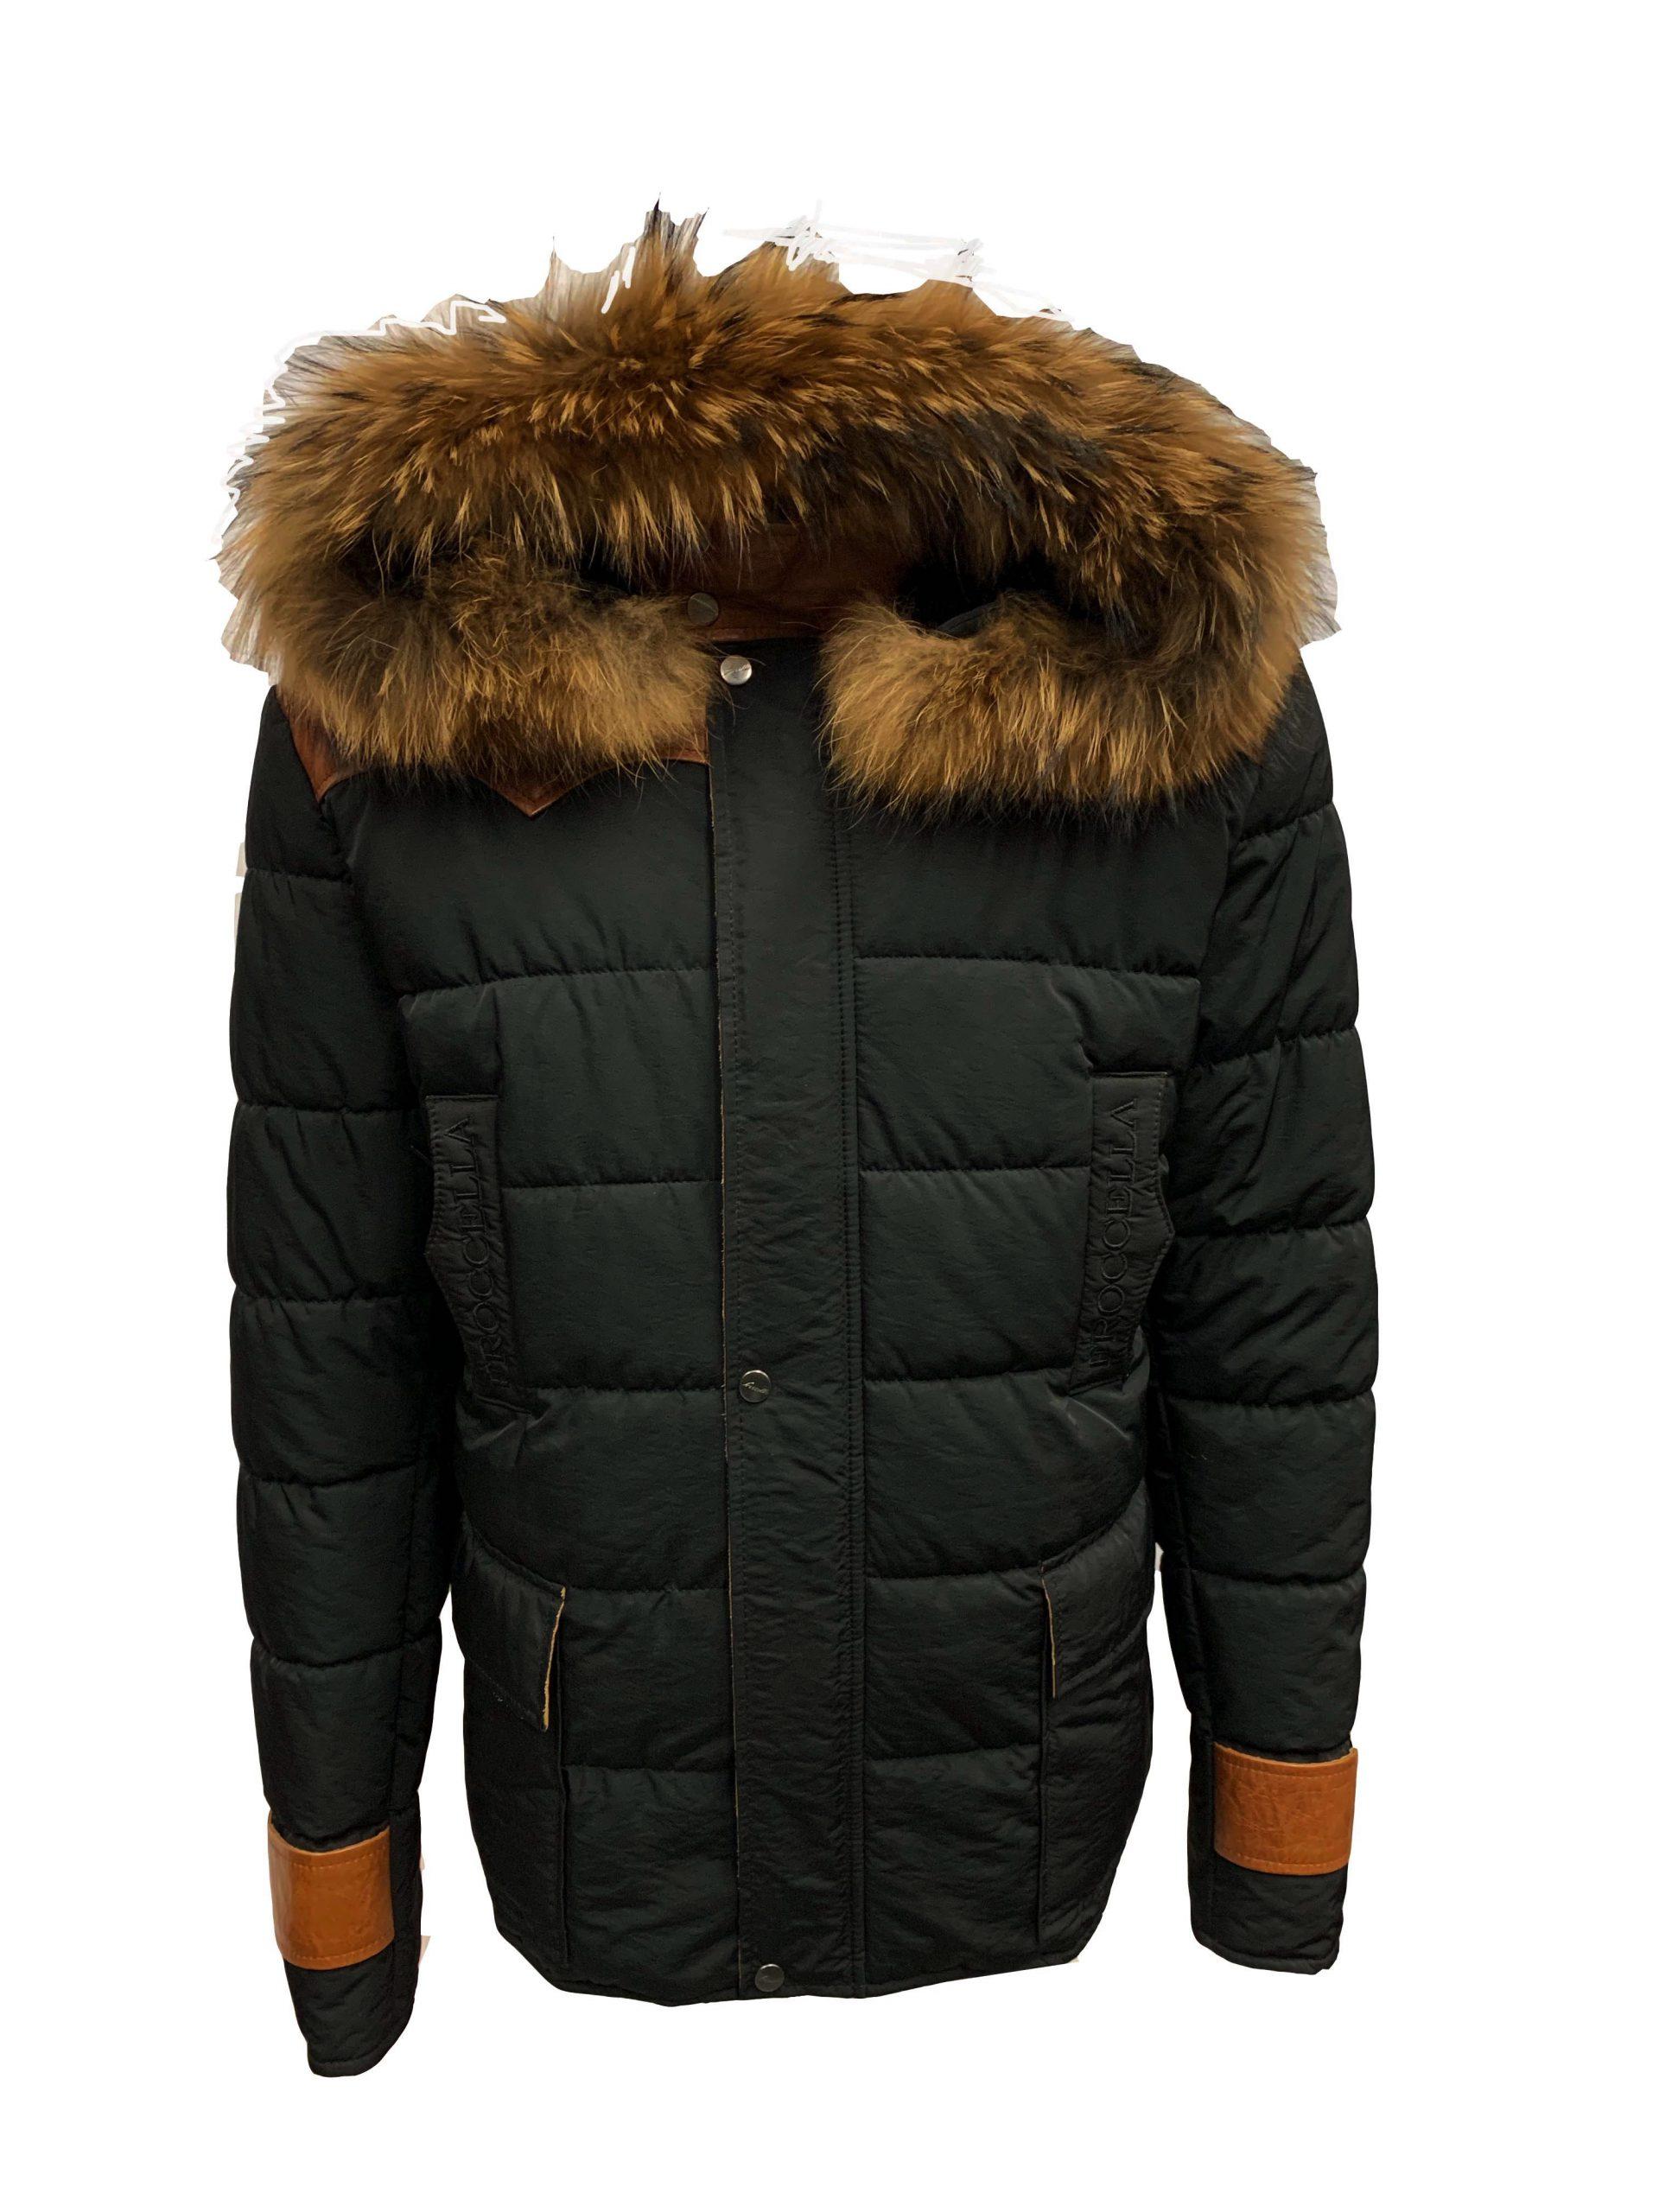 Heren winter jas met bontkraag pariso